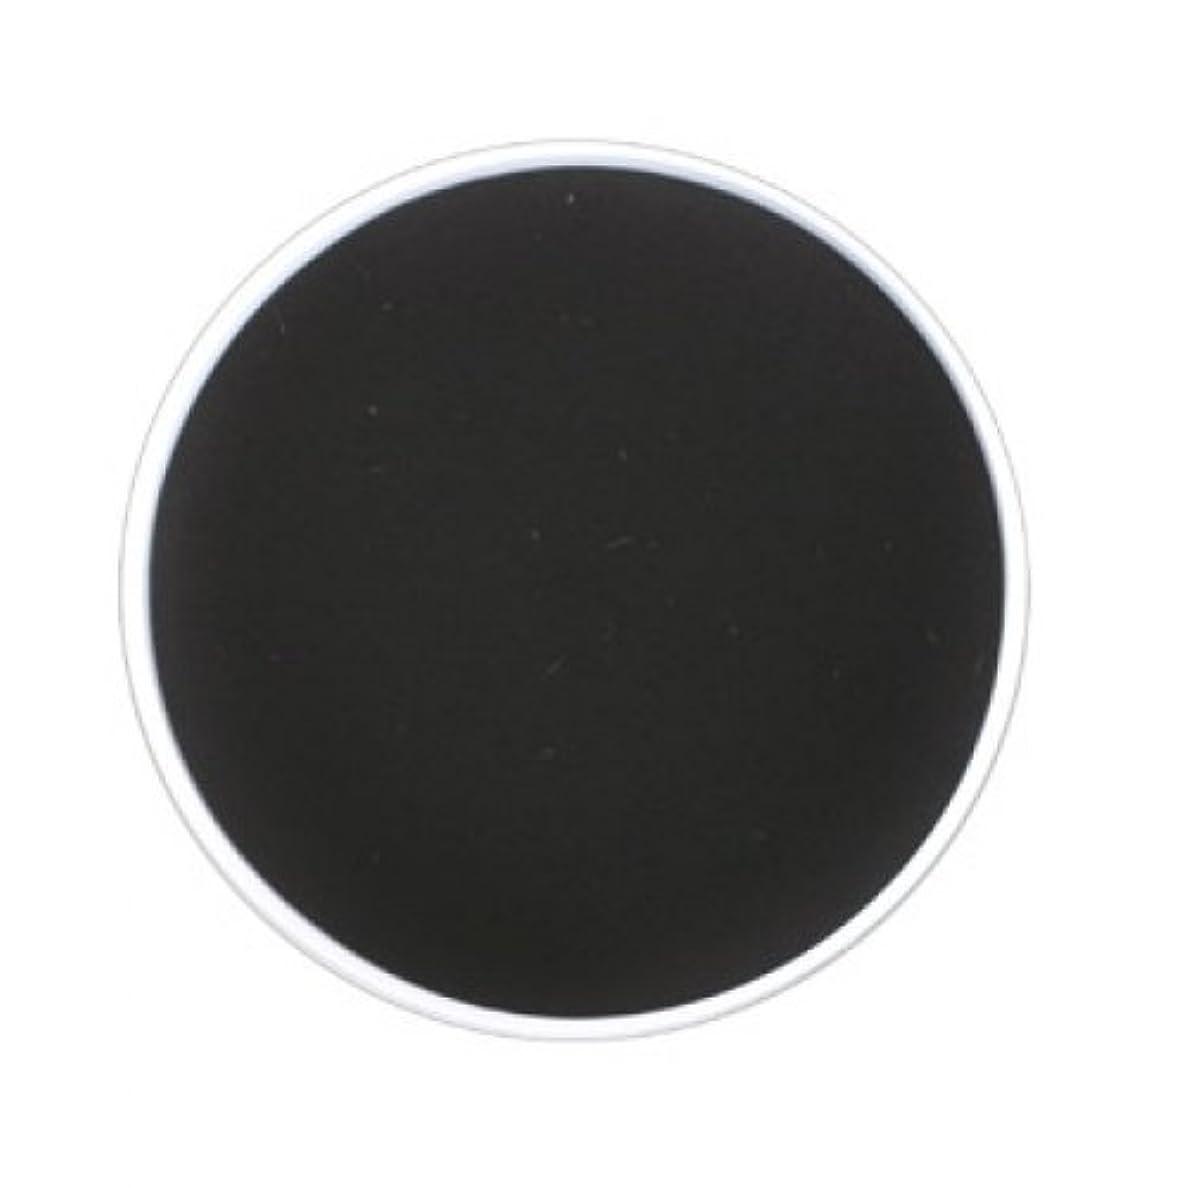 震え墓地仮定するmehron Color Cups Face and Body Paint - Black (並行輸入品)